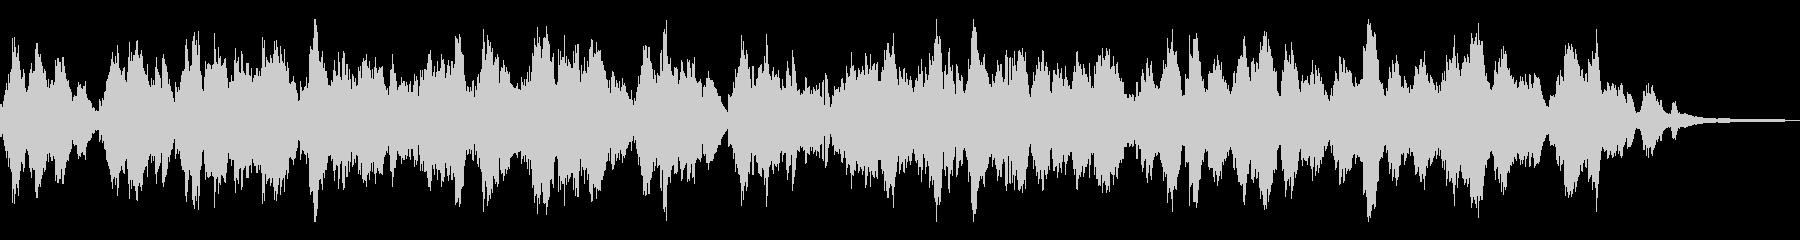 メロディアスな和風曲19-ピアノソロの未再生の波形